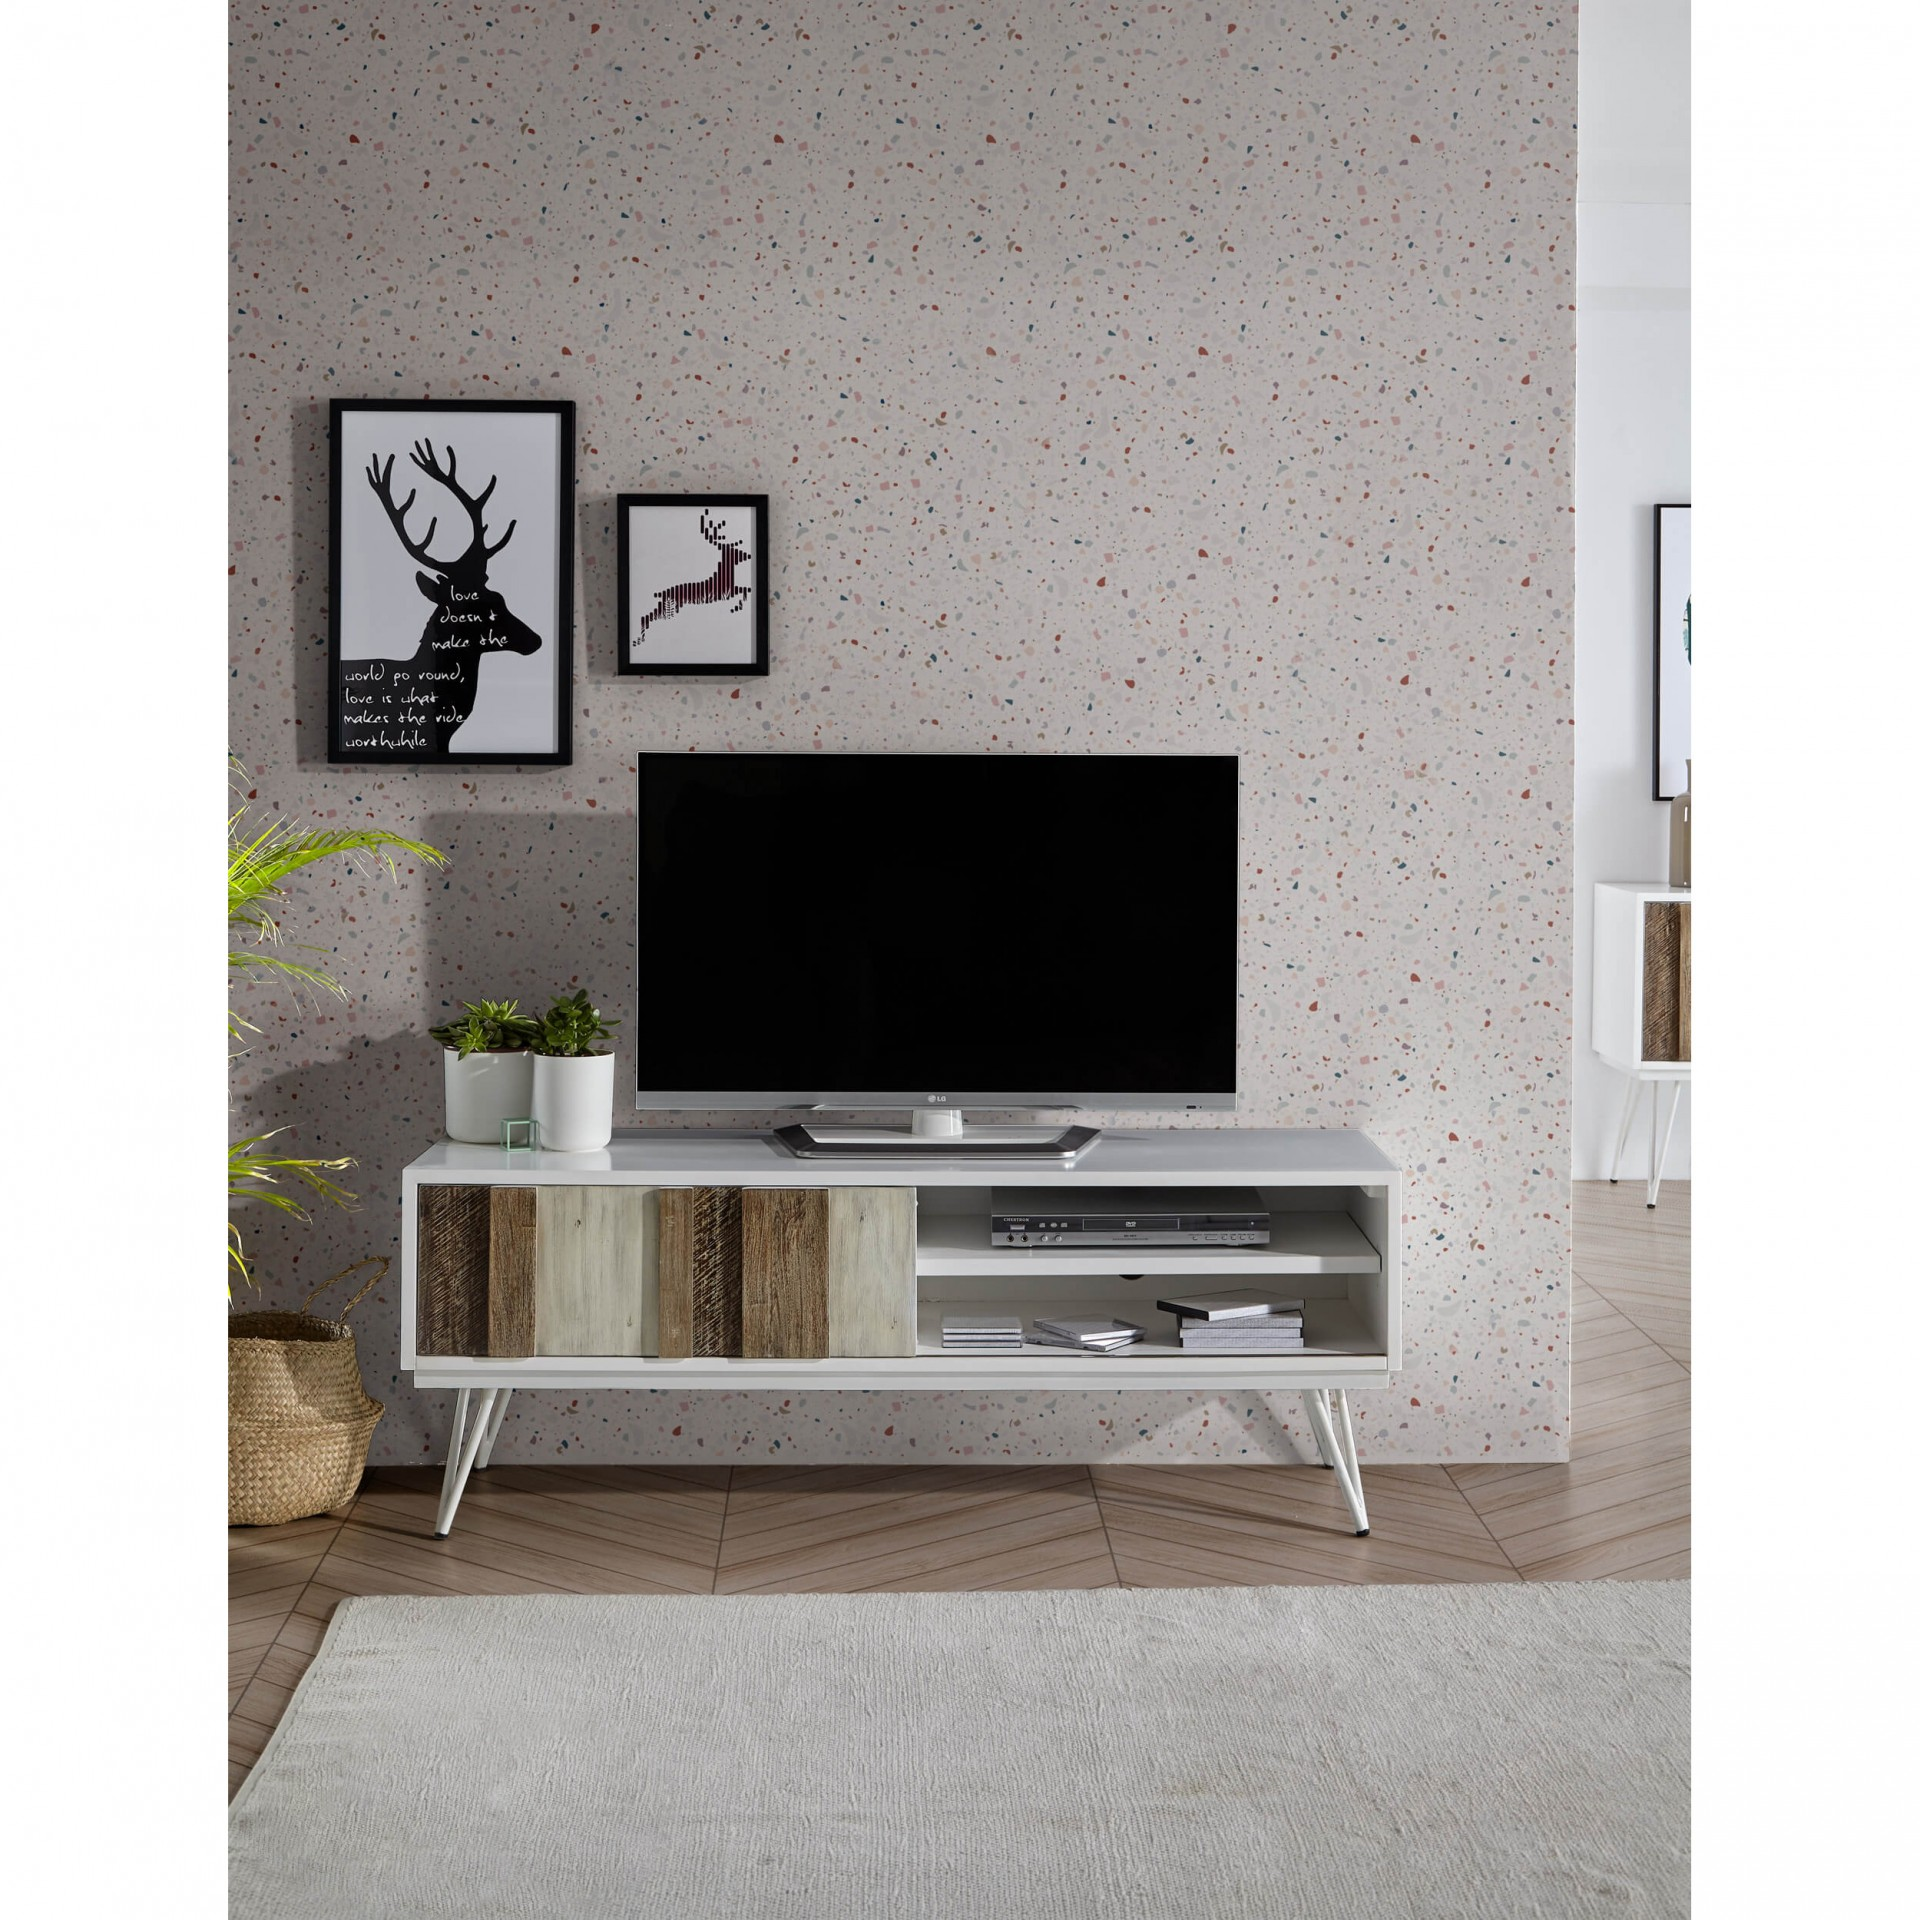 Móvel TV Nice, MDF lacado/madeira acácia, 150x55